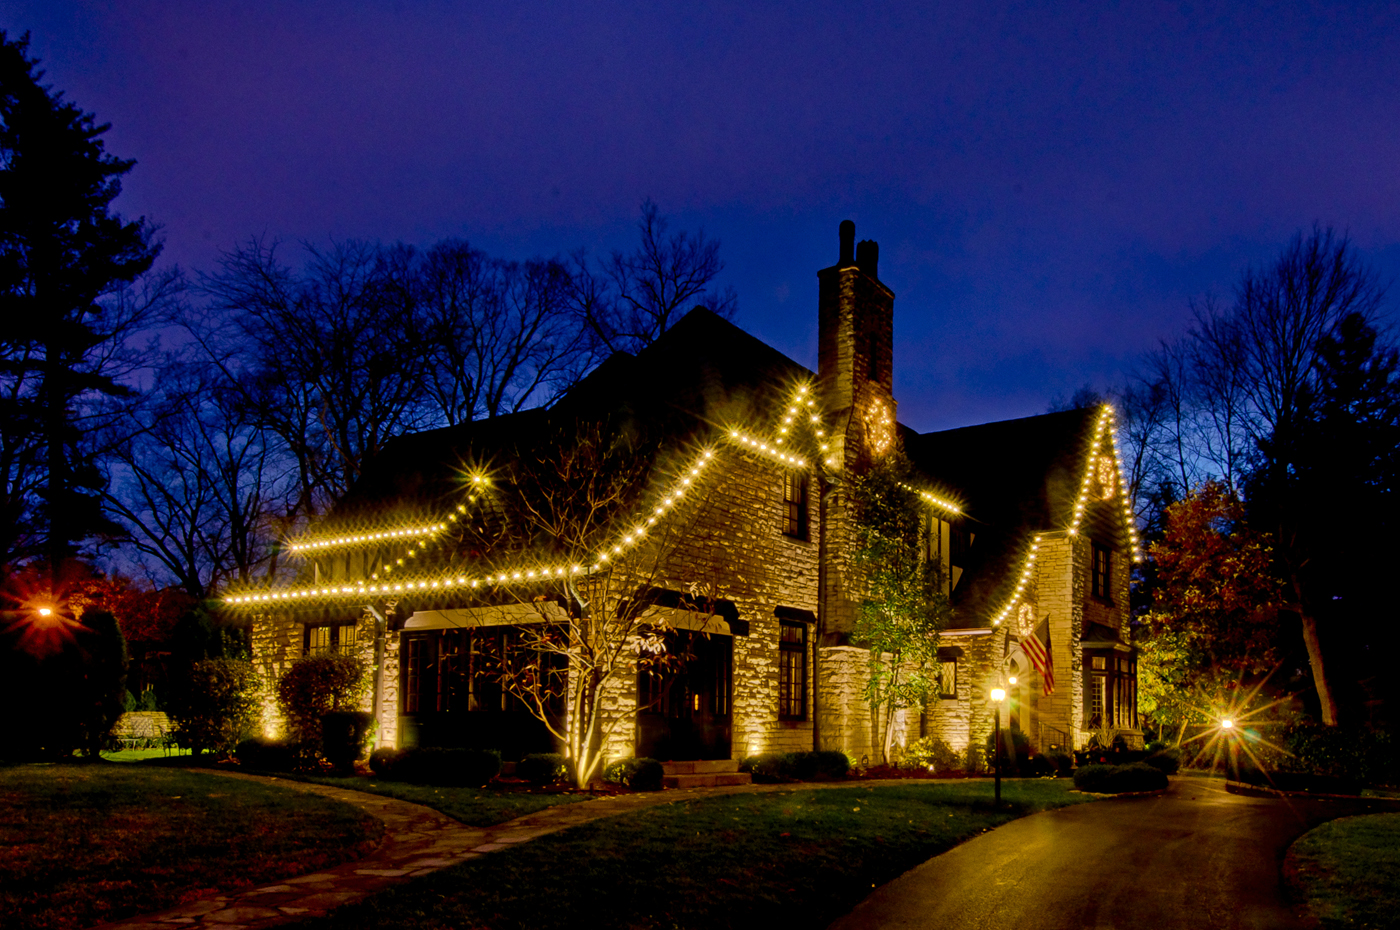 St. Louis Christmas Lighting Company